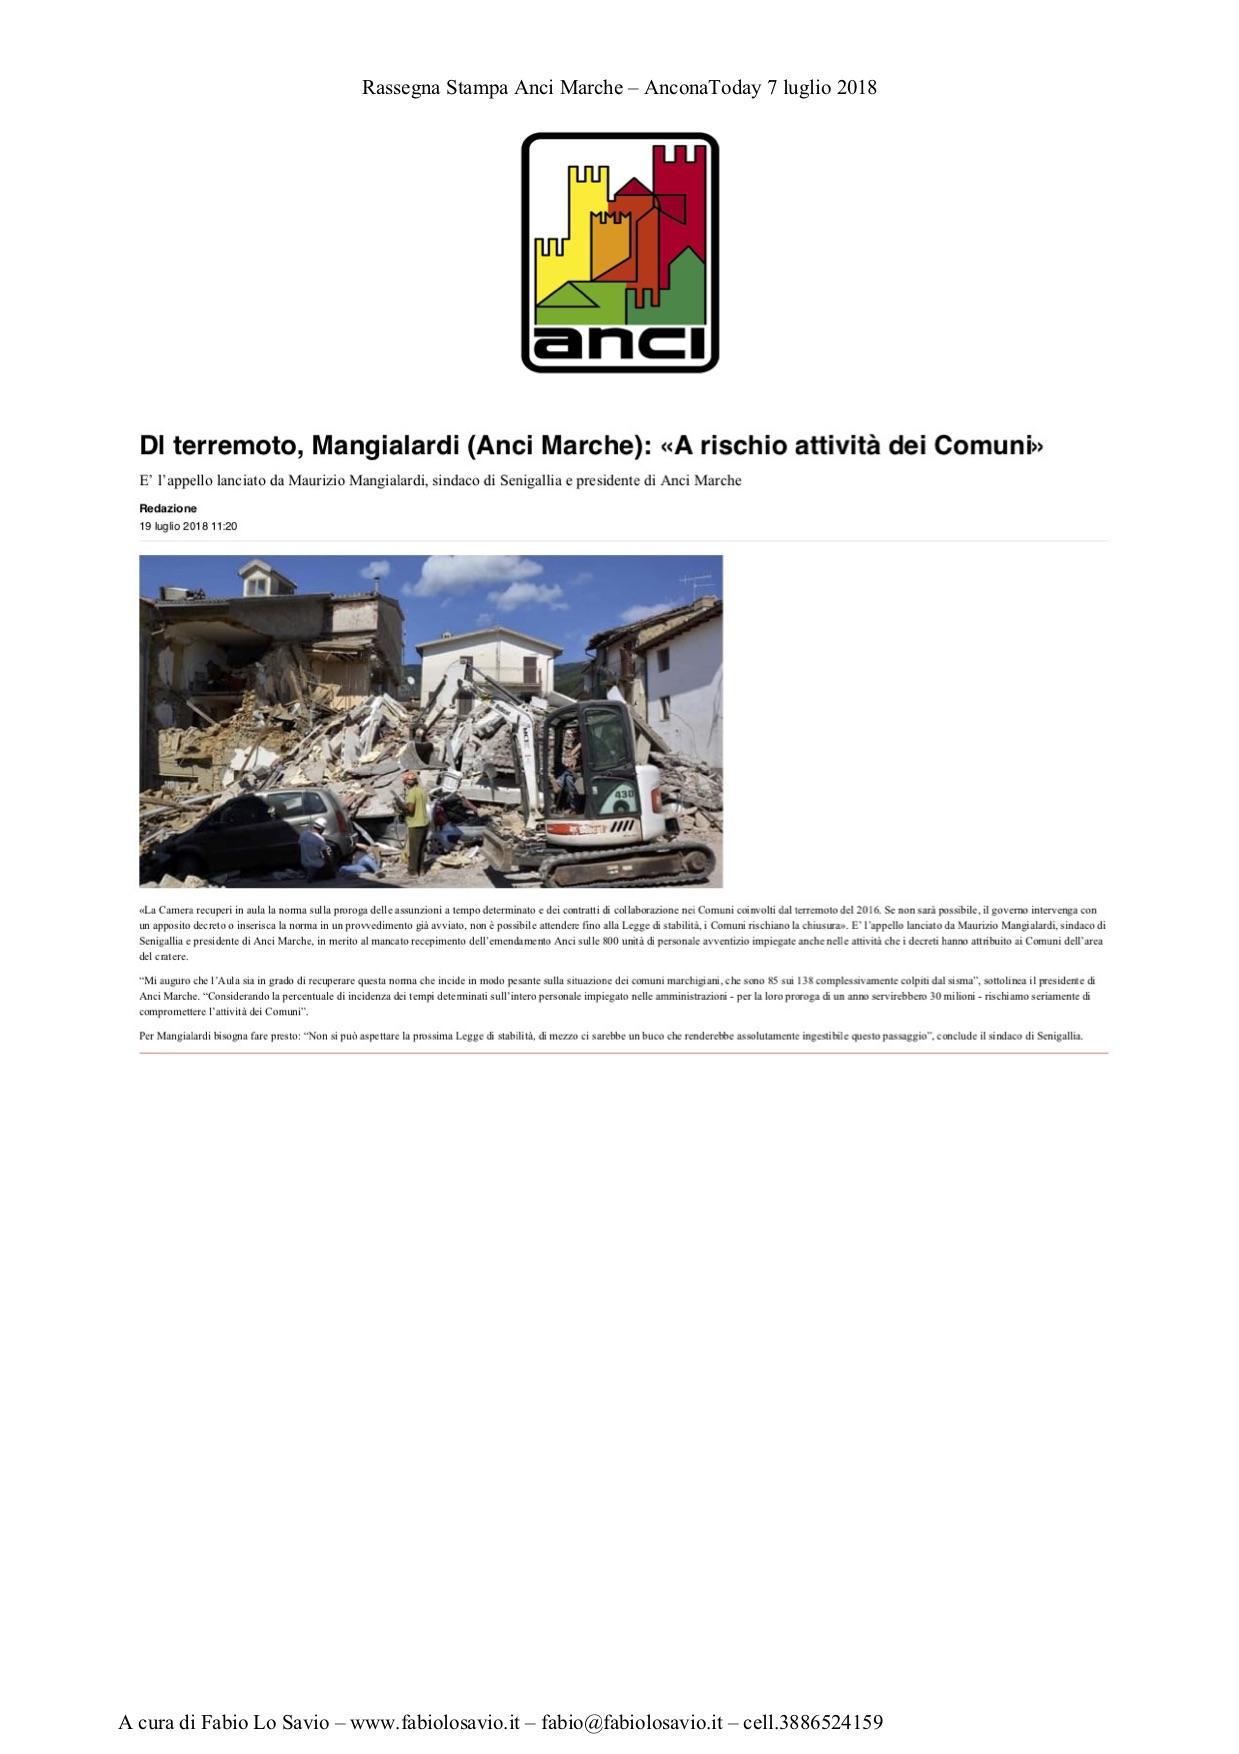 AnconaToday 7 luglio 2018 - ANCI